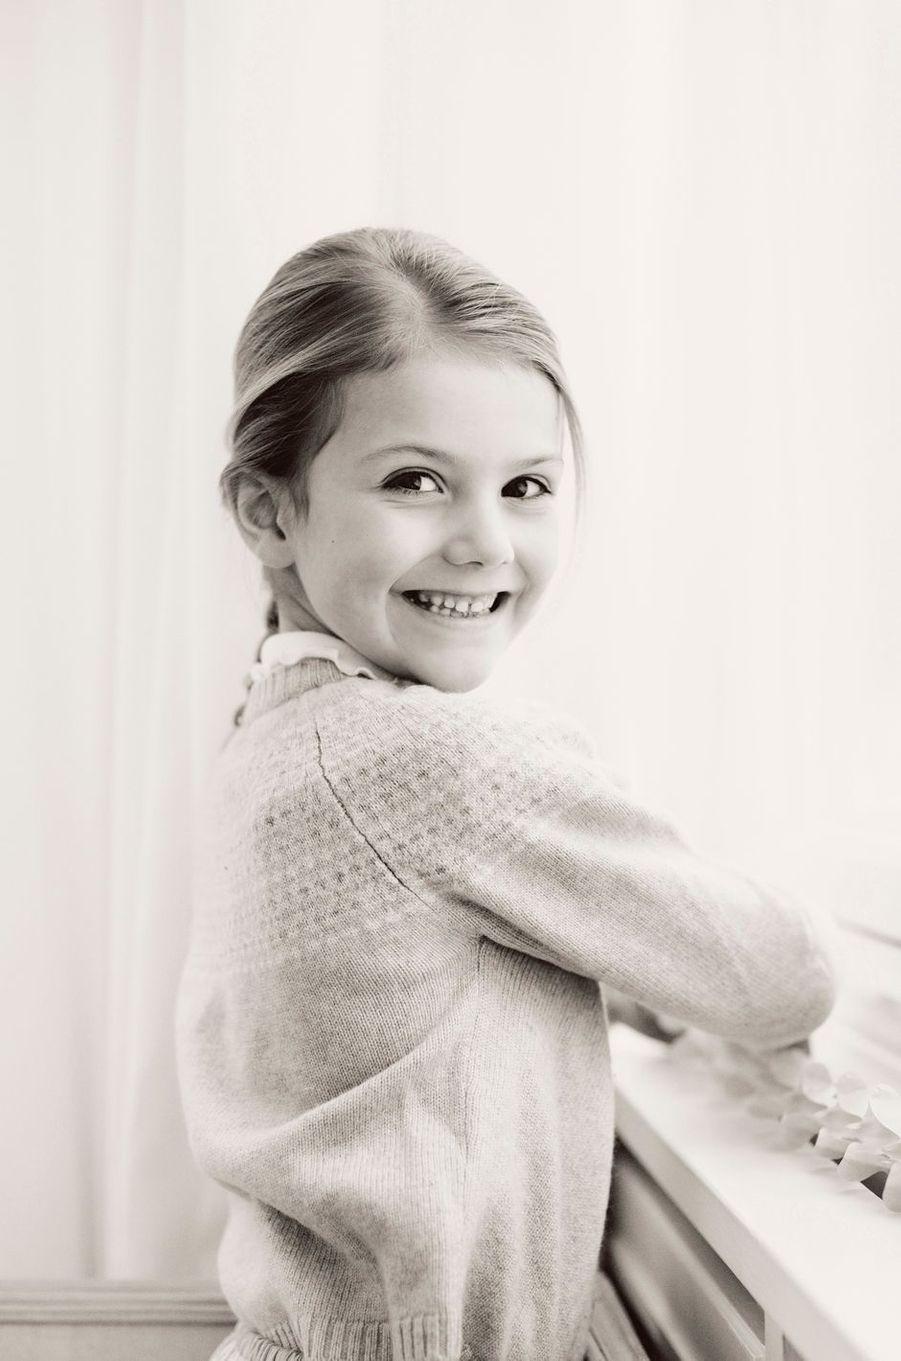 La princesse Estelle de Suède. Portrait diffusé le 23 février 2018 pour ses 6 ans